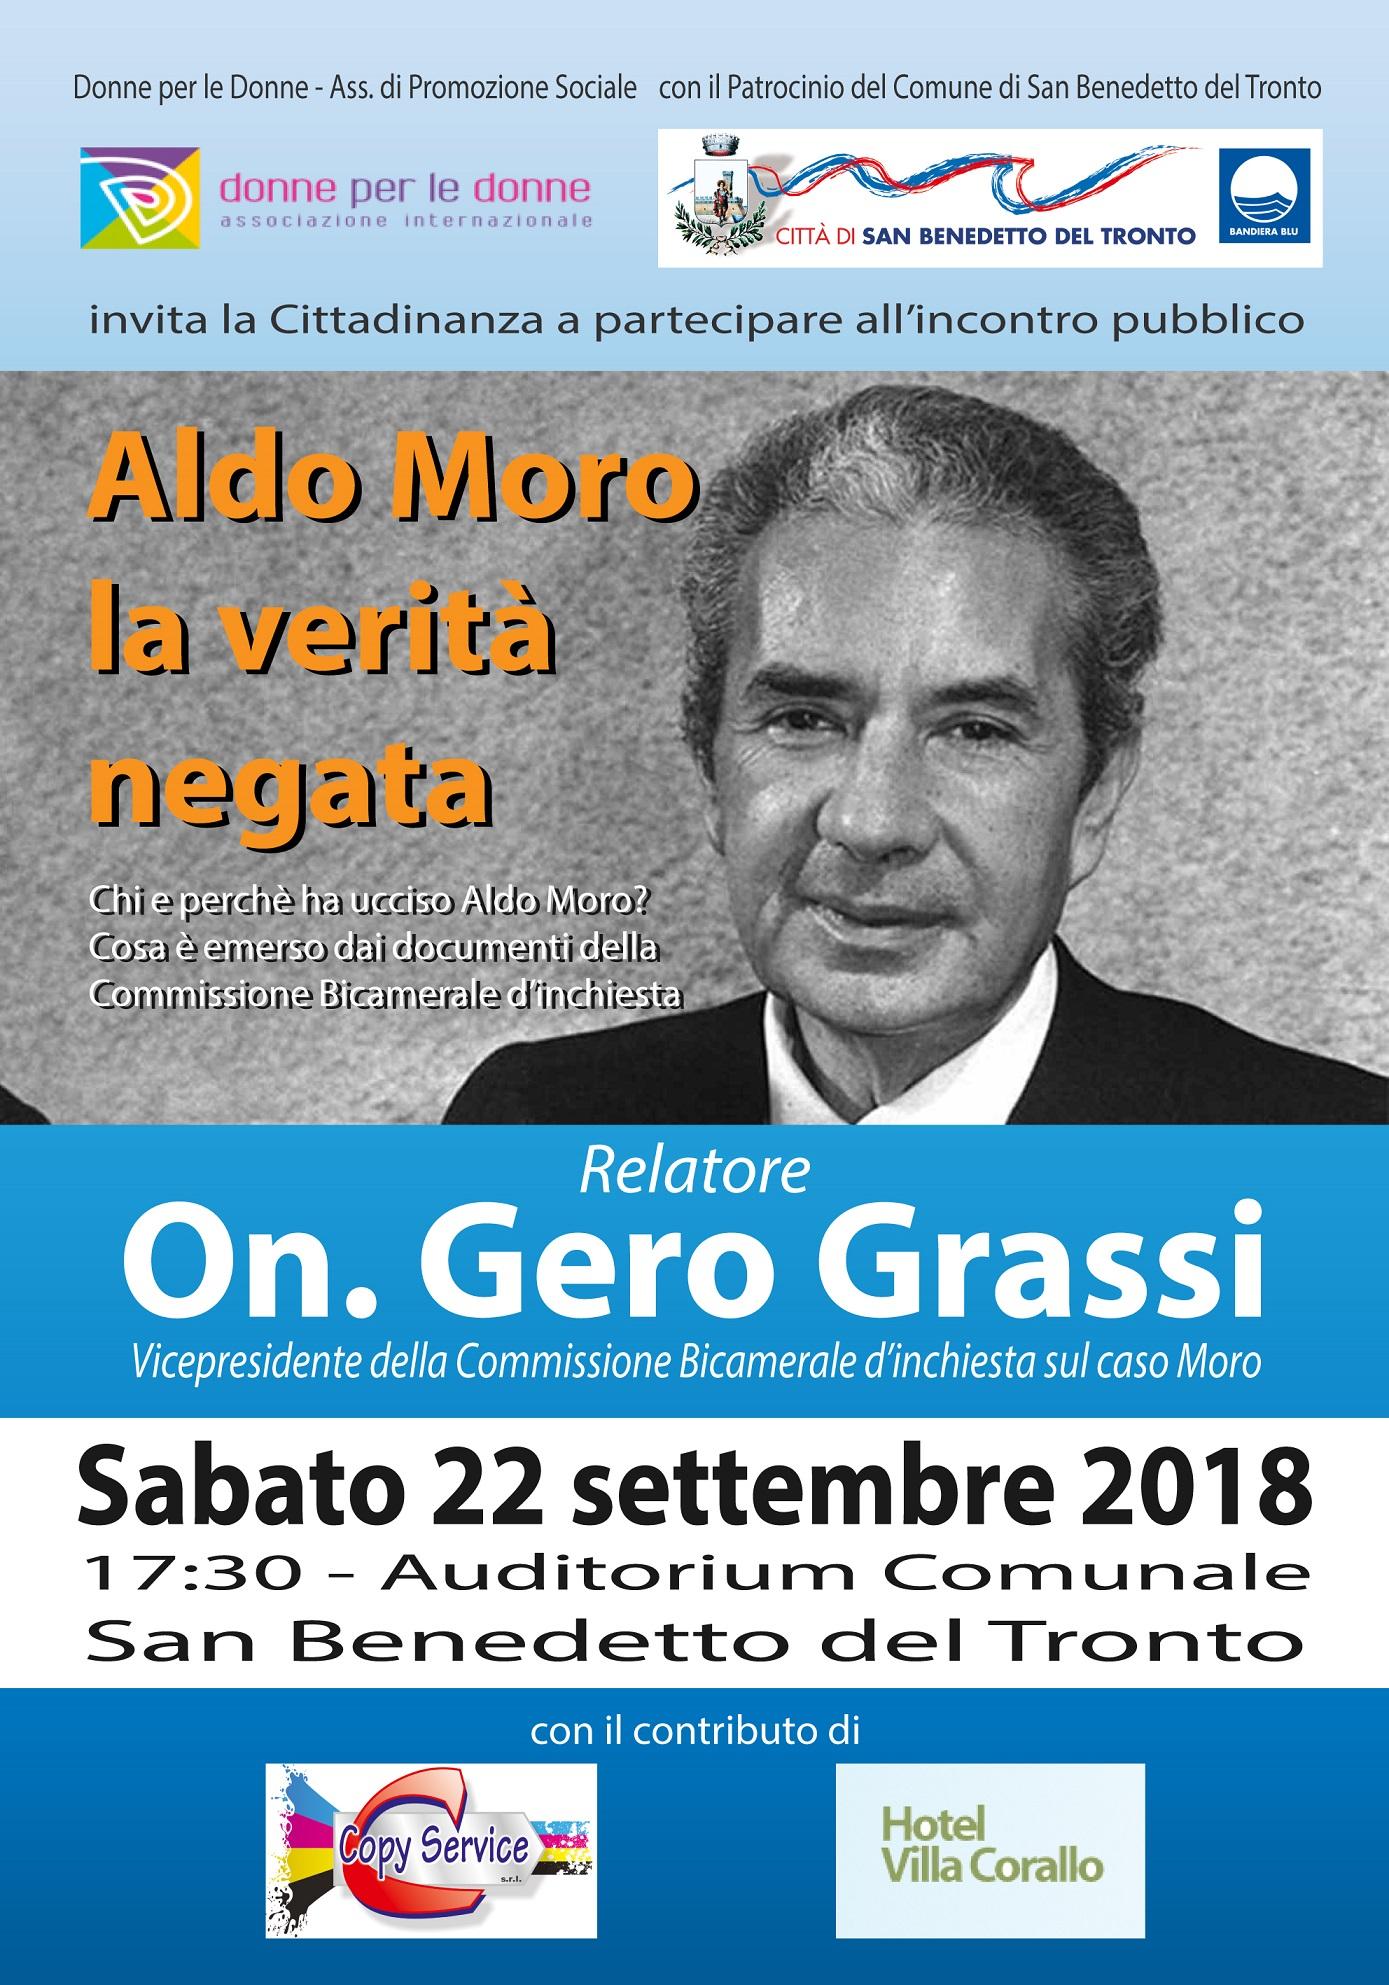 Aldo Moro, la verità negata